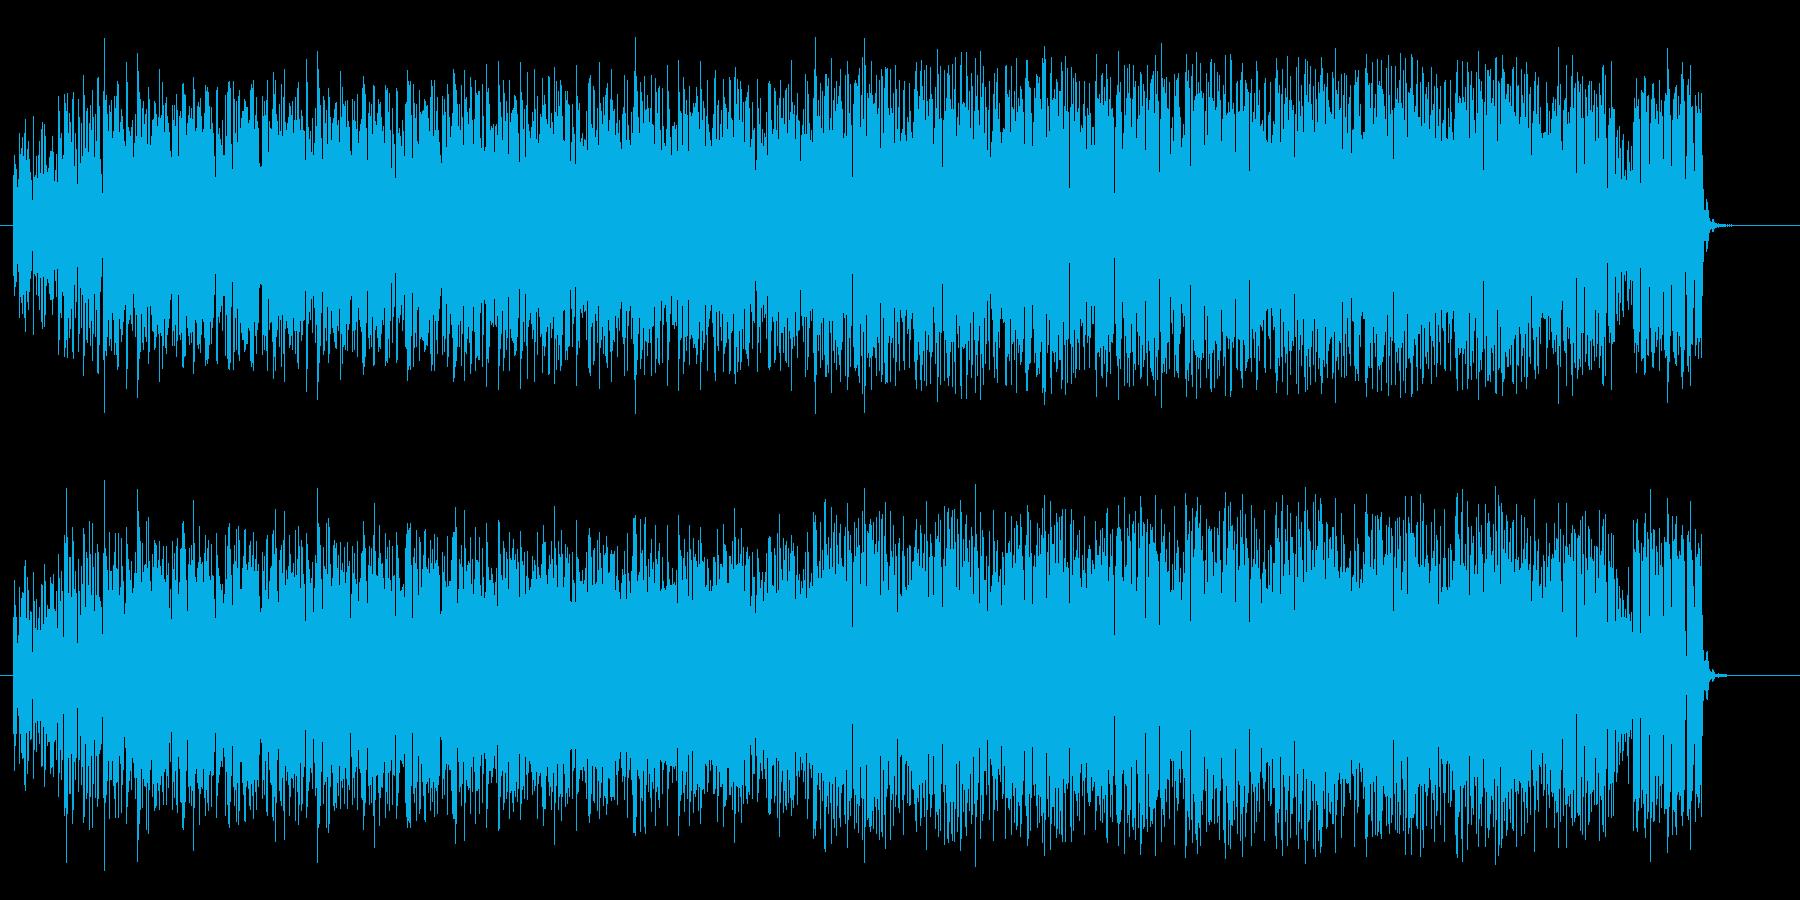 明るくはじけるようなシンセドラムサウンドの再生済みの波形